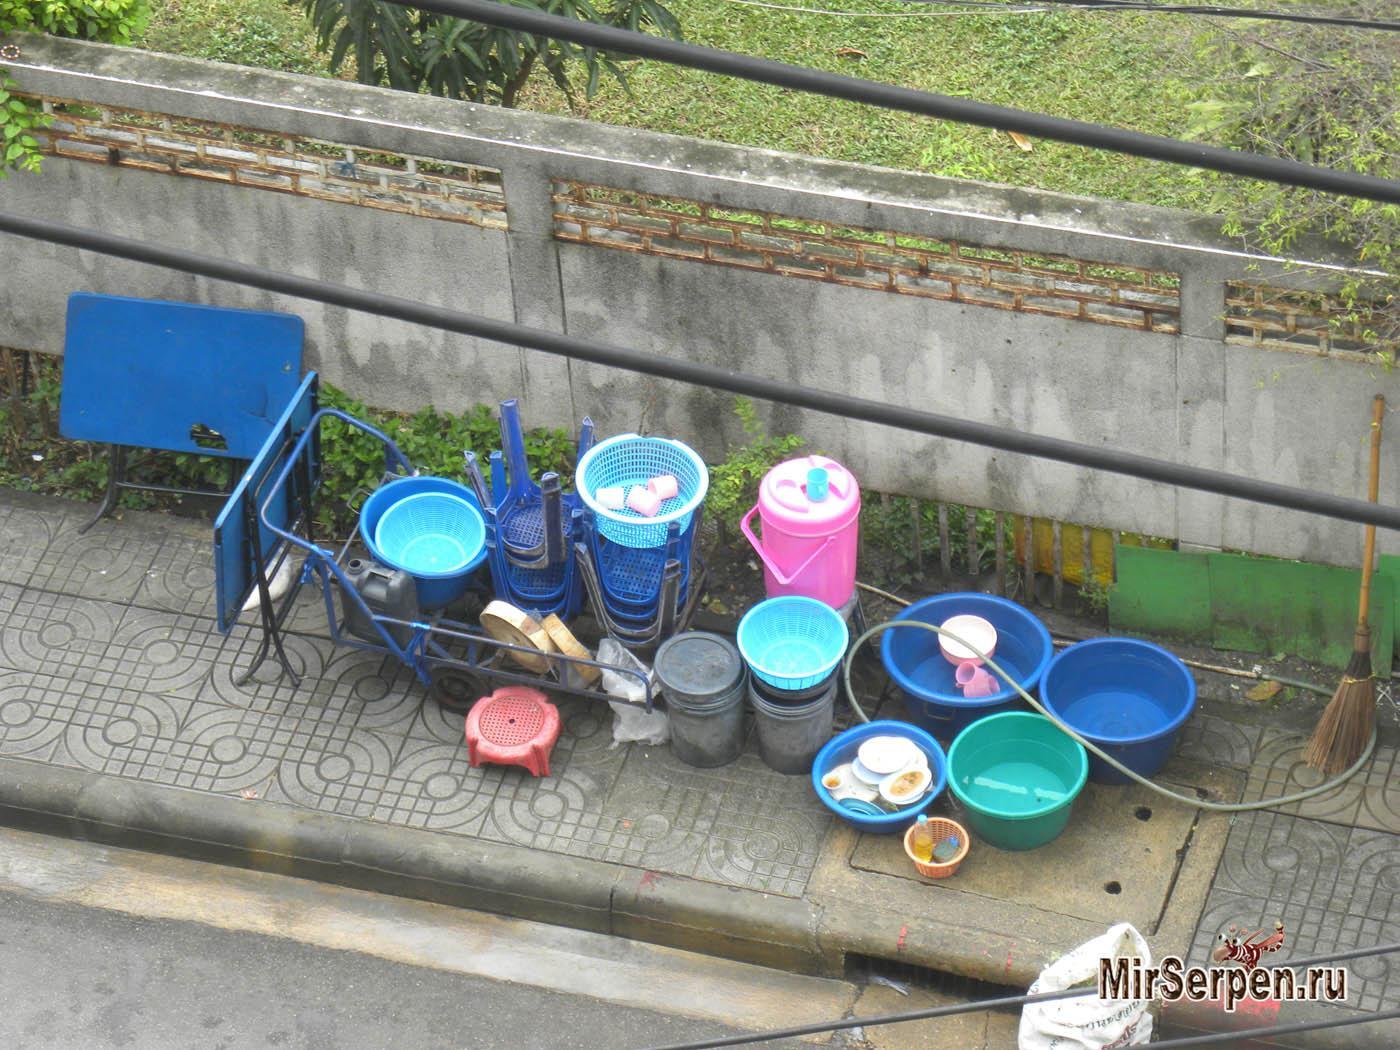 Про мытье посуды в уличных кафе Таиланда